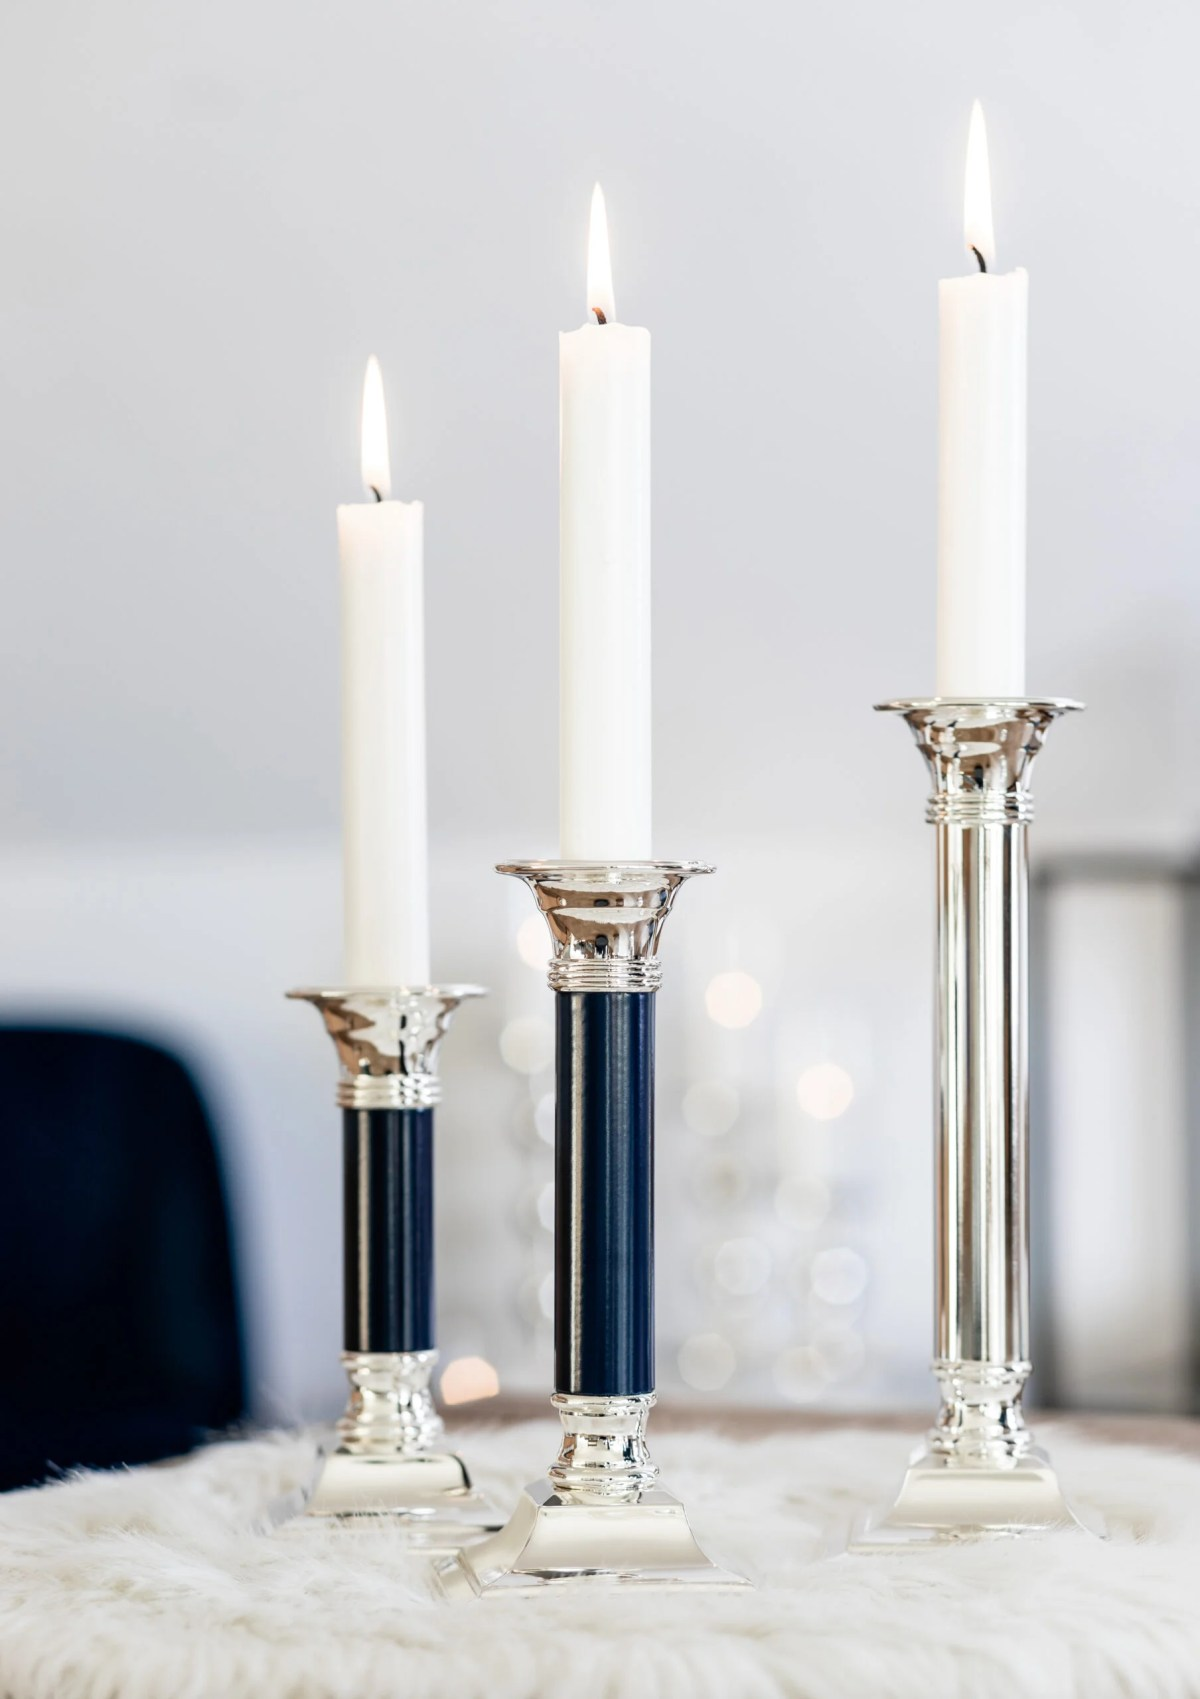 1177 Kerzenleuchter Lincoln Dunkelblau Leder, Höhe 19 cm